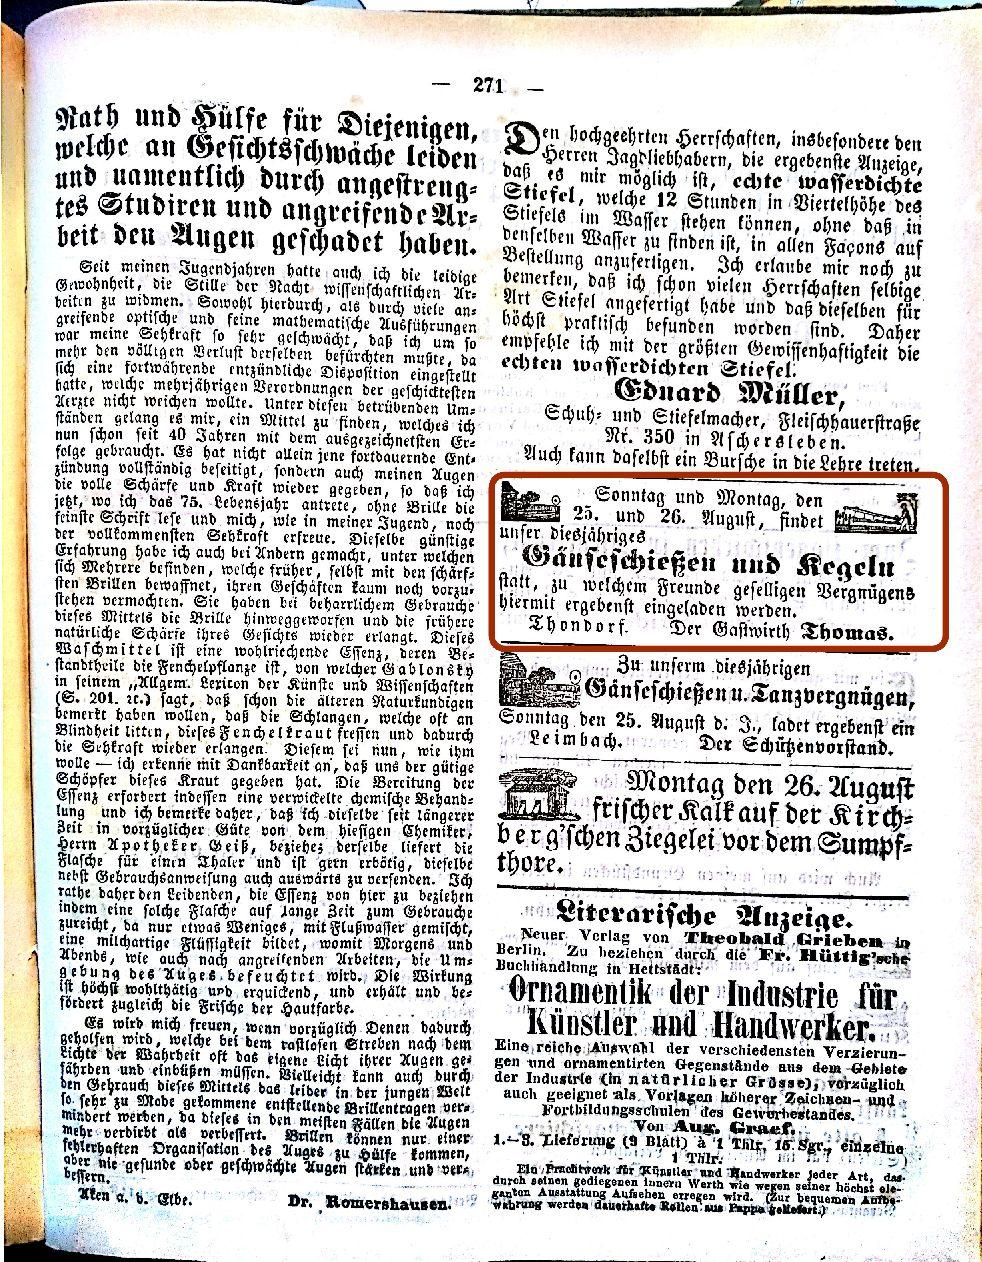 Mansfelder Wochenblatt 1861 Inserat gansschießen